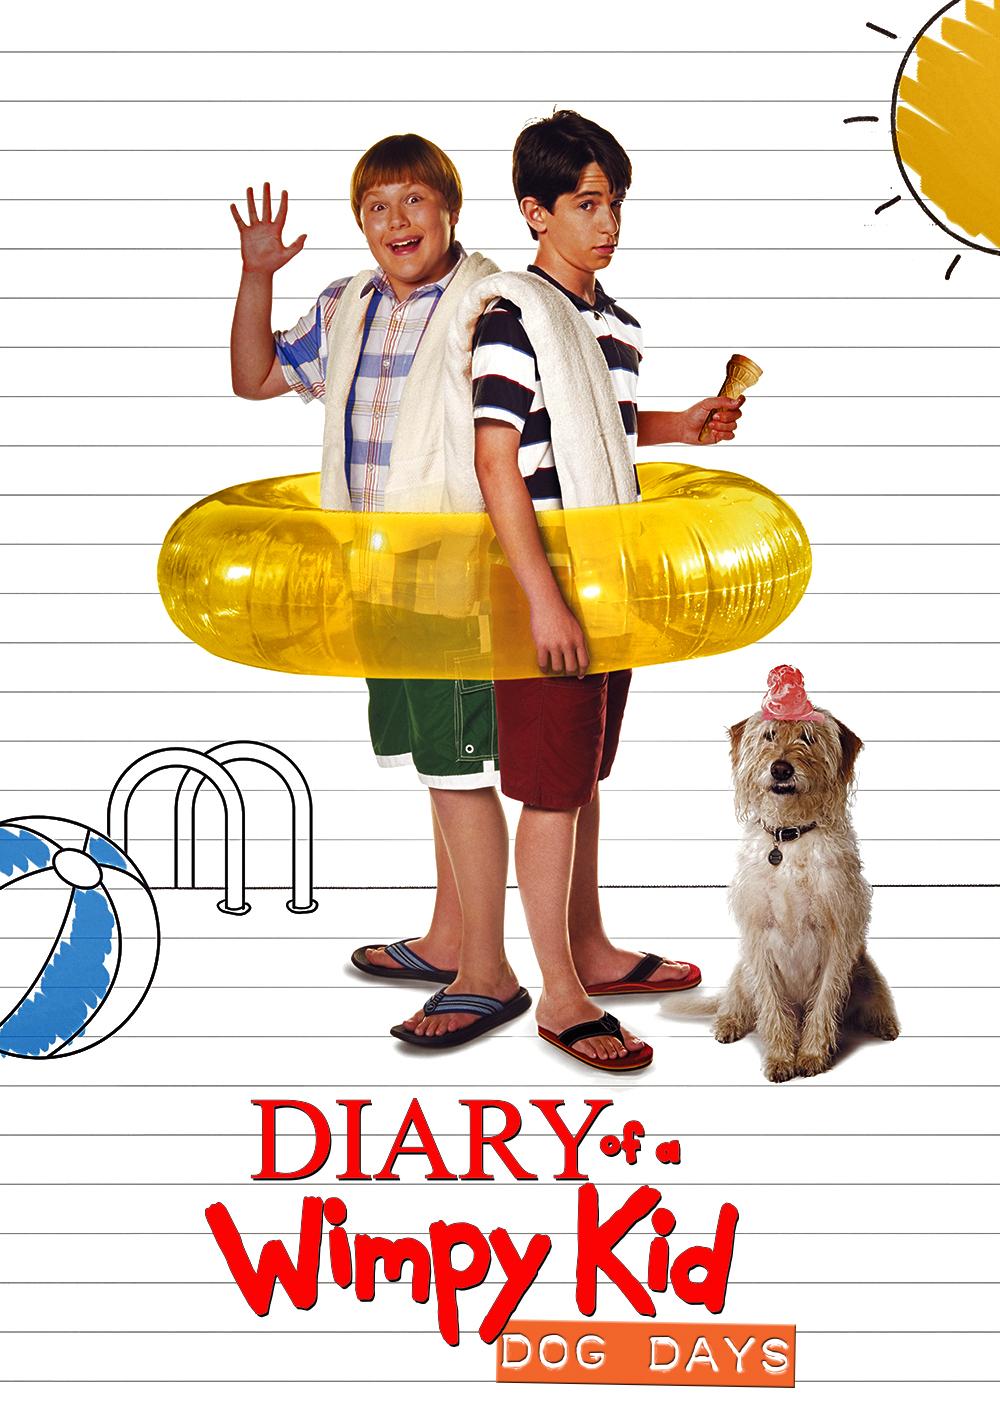 Dog Days Diary Wimpy Kid Movie